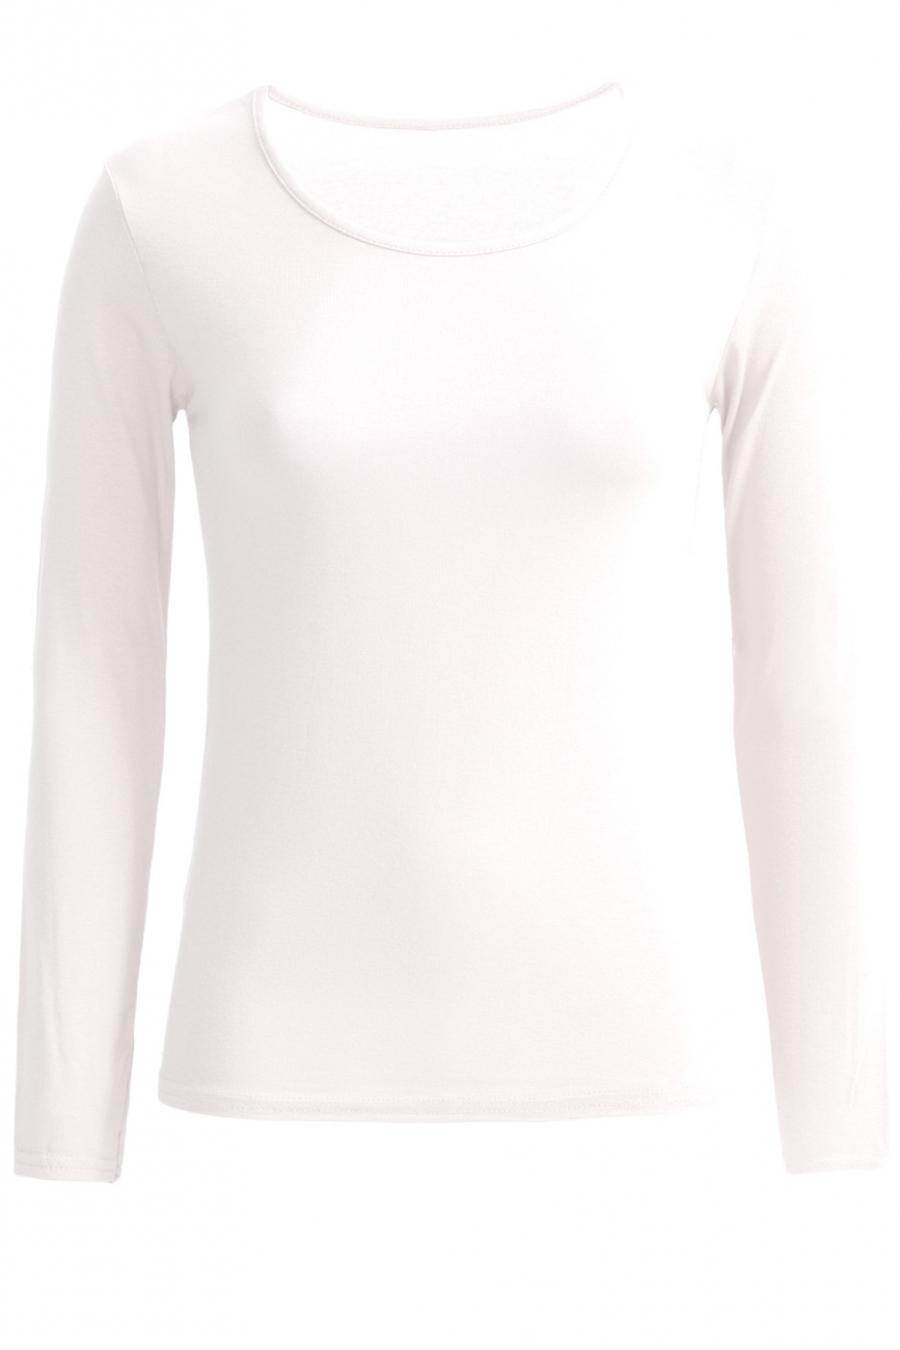 Sous-pull blanc à col rond très tendance. Vêtement femme pas cher.